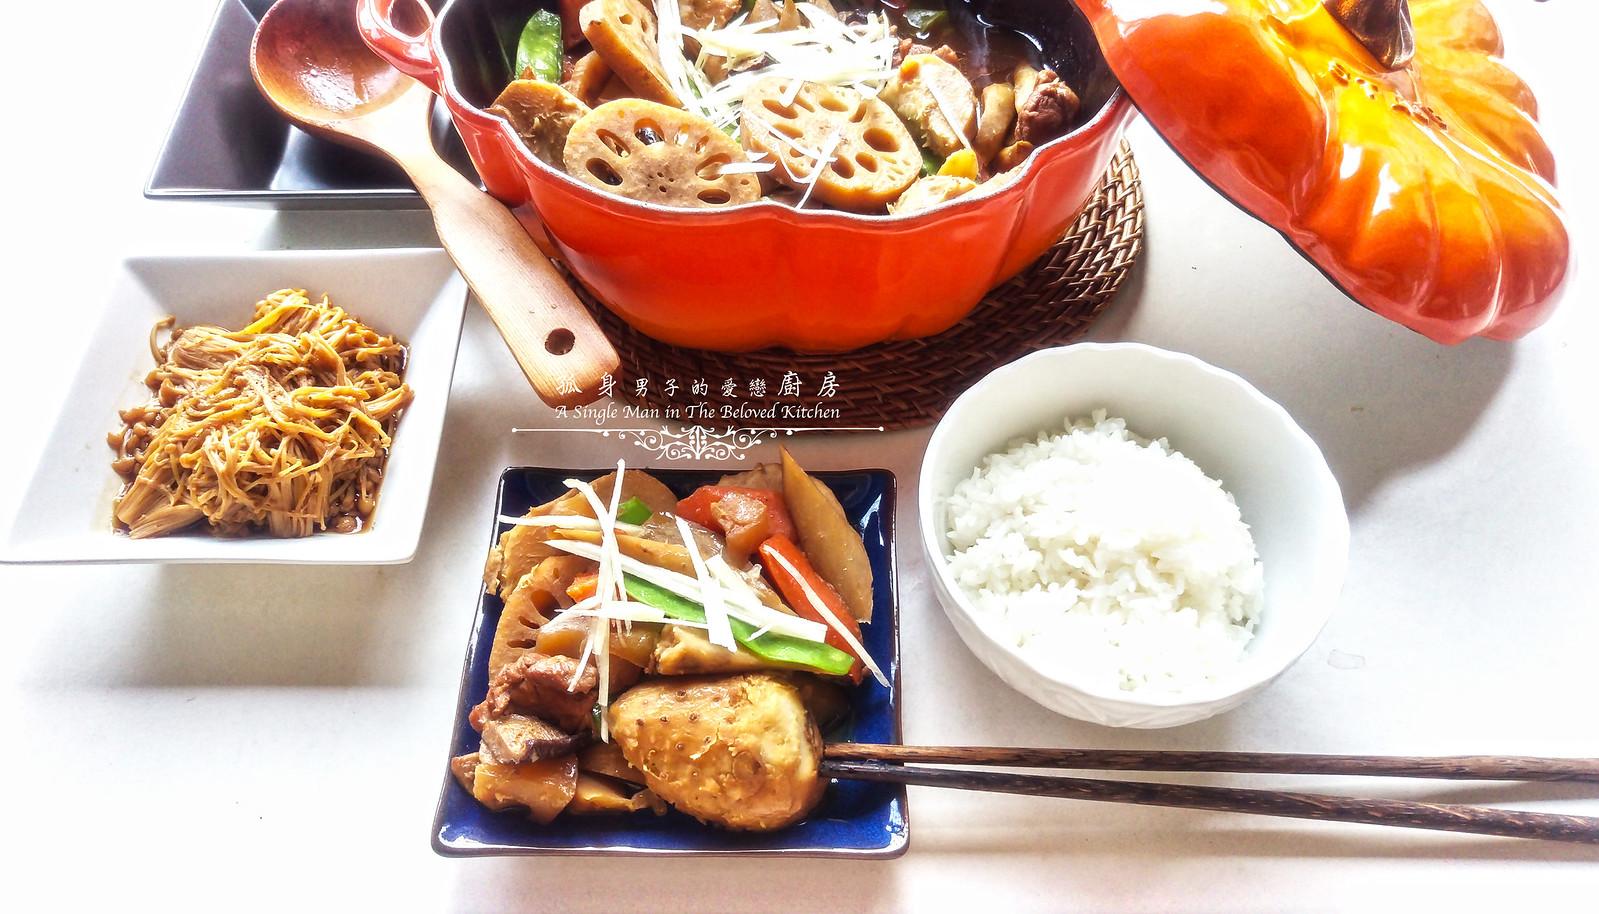 孤身廚房-食譜書《常備菜》試作——筑前煮、醬煮金針菇。甜滋滋溫暖和風味23